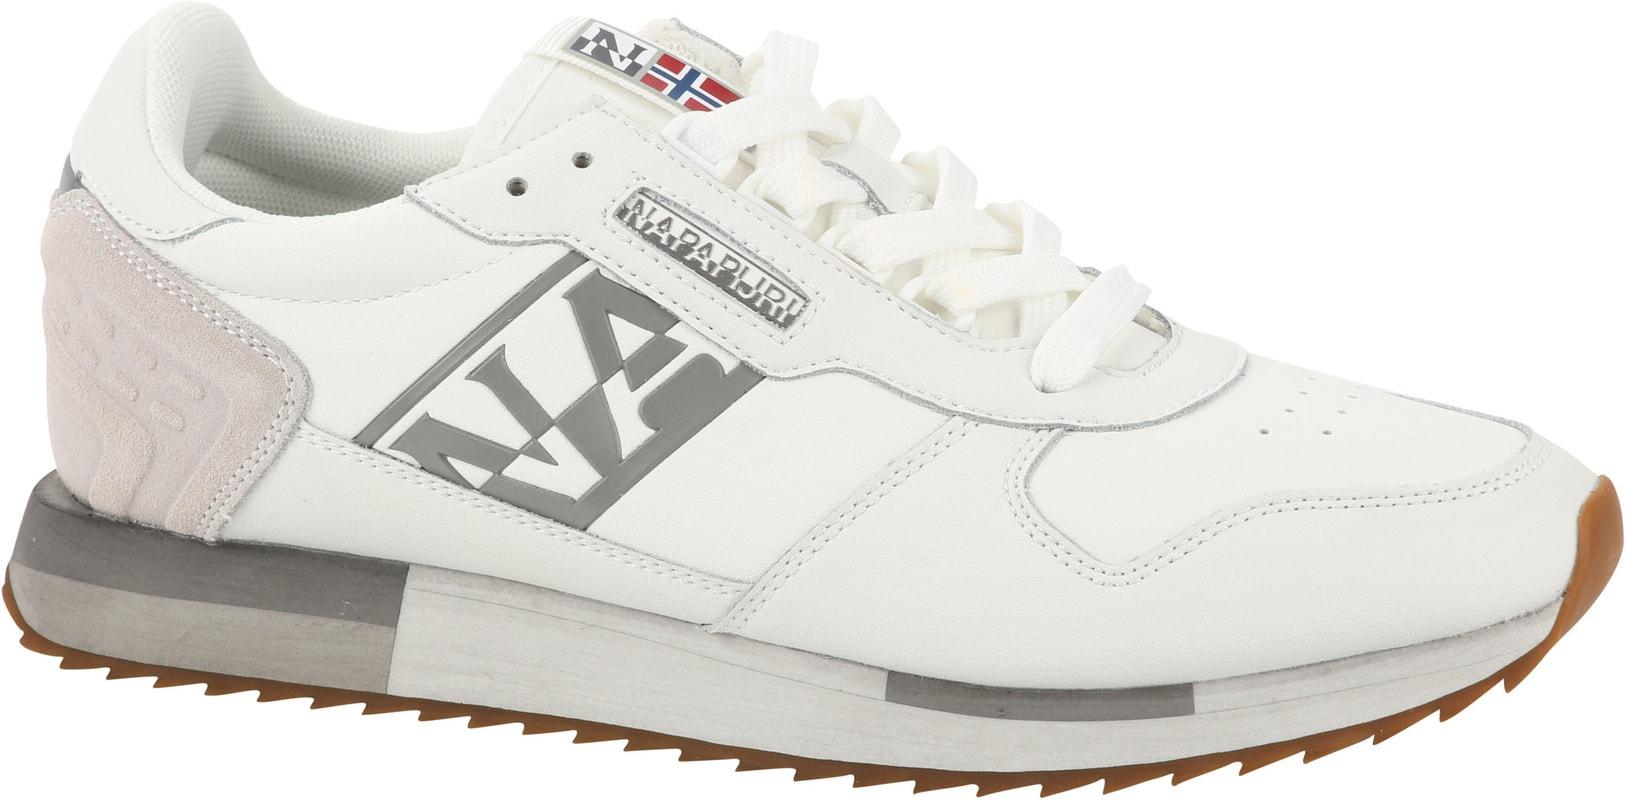 Napapijri Running Sneaker Wit foto 0